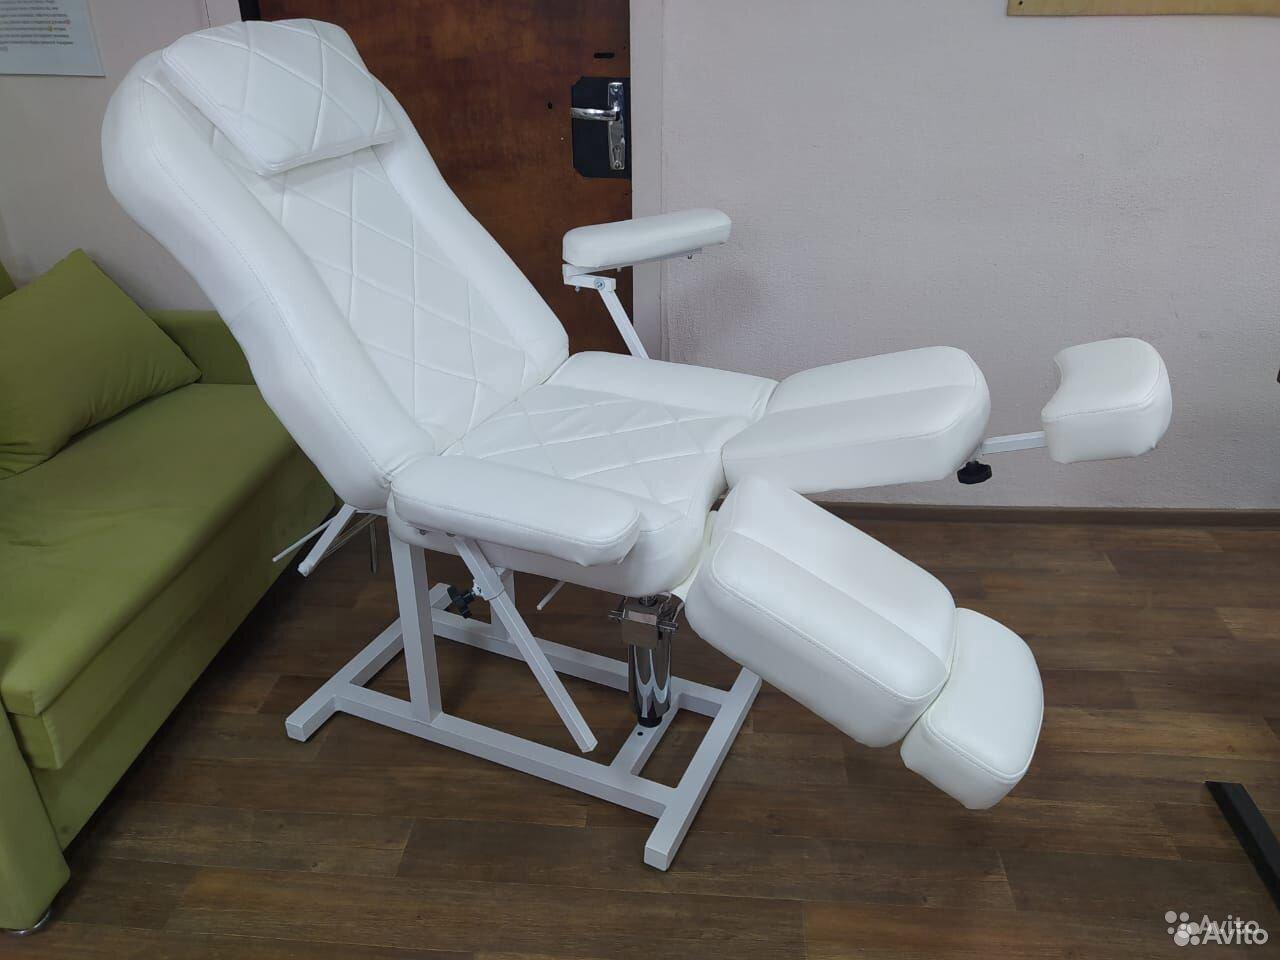 Педикюрное кресло на гидравлике  89068767681 купить 3